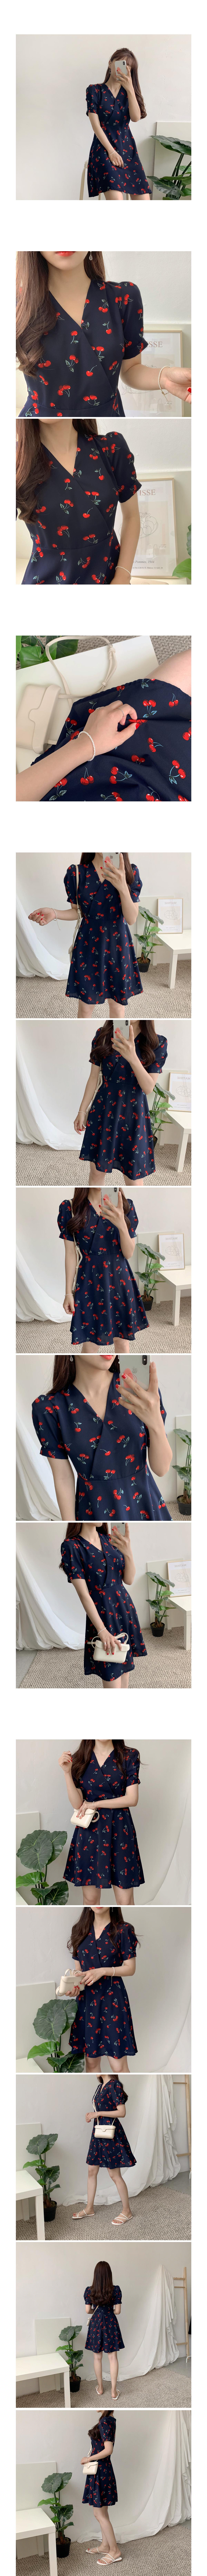 Tokto Cherry Dress